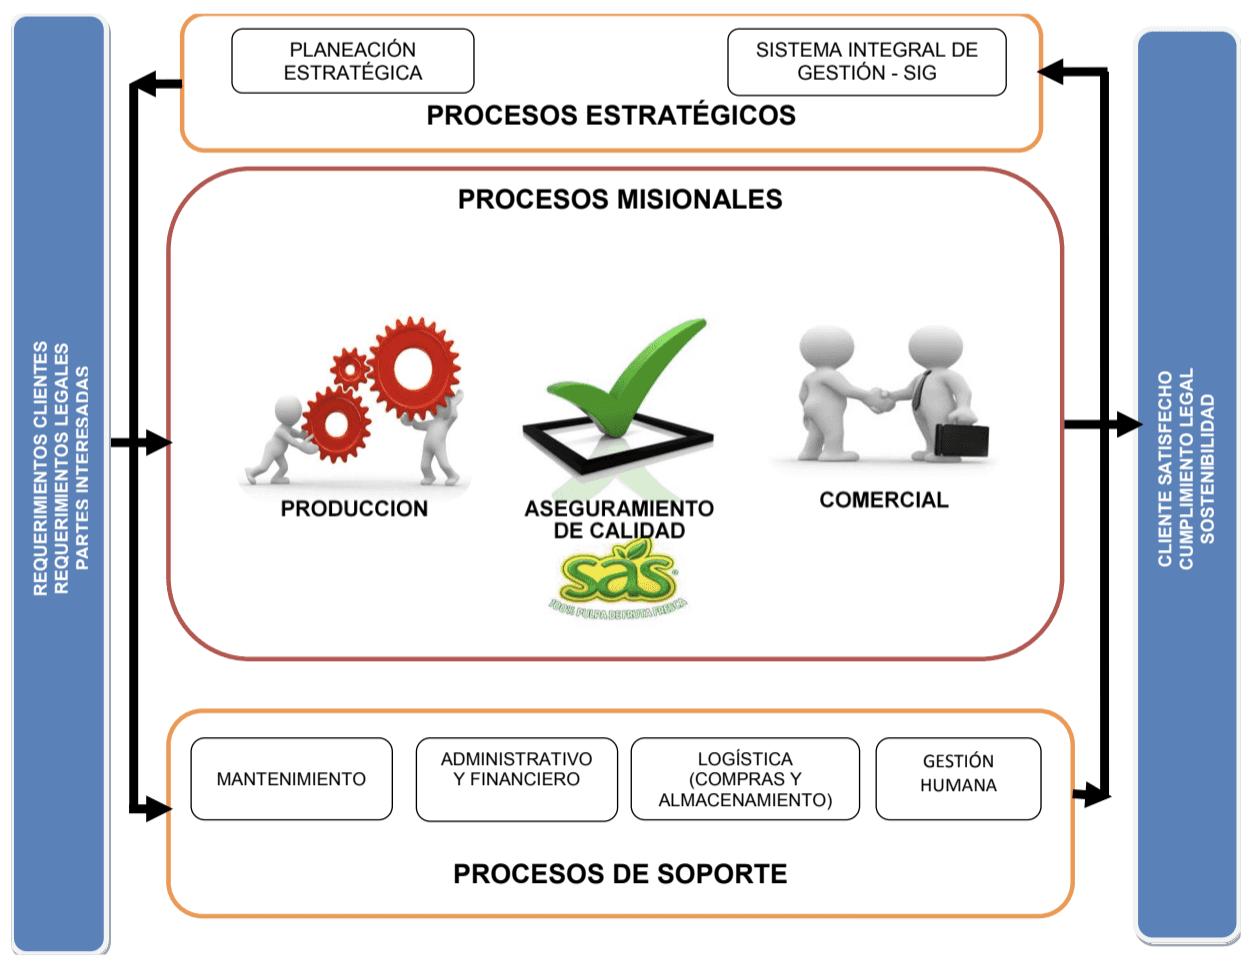 Produccion Mapa De Procesos Ejemplos.Alimentos Sas Mapa De Procesos